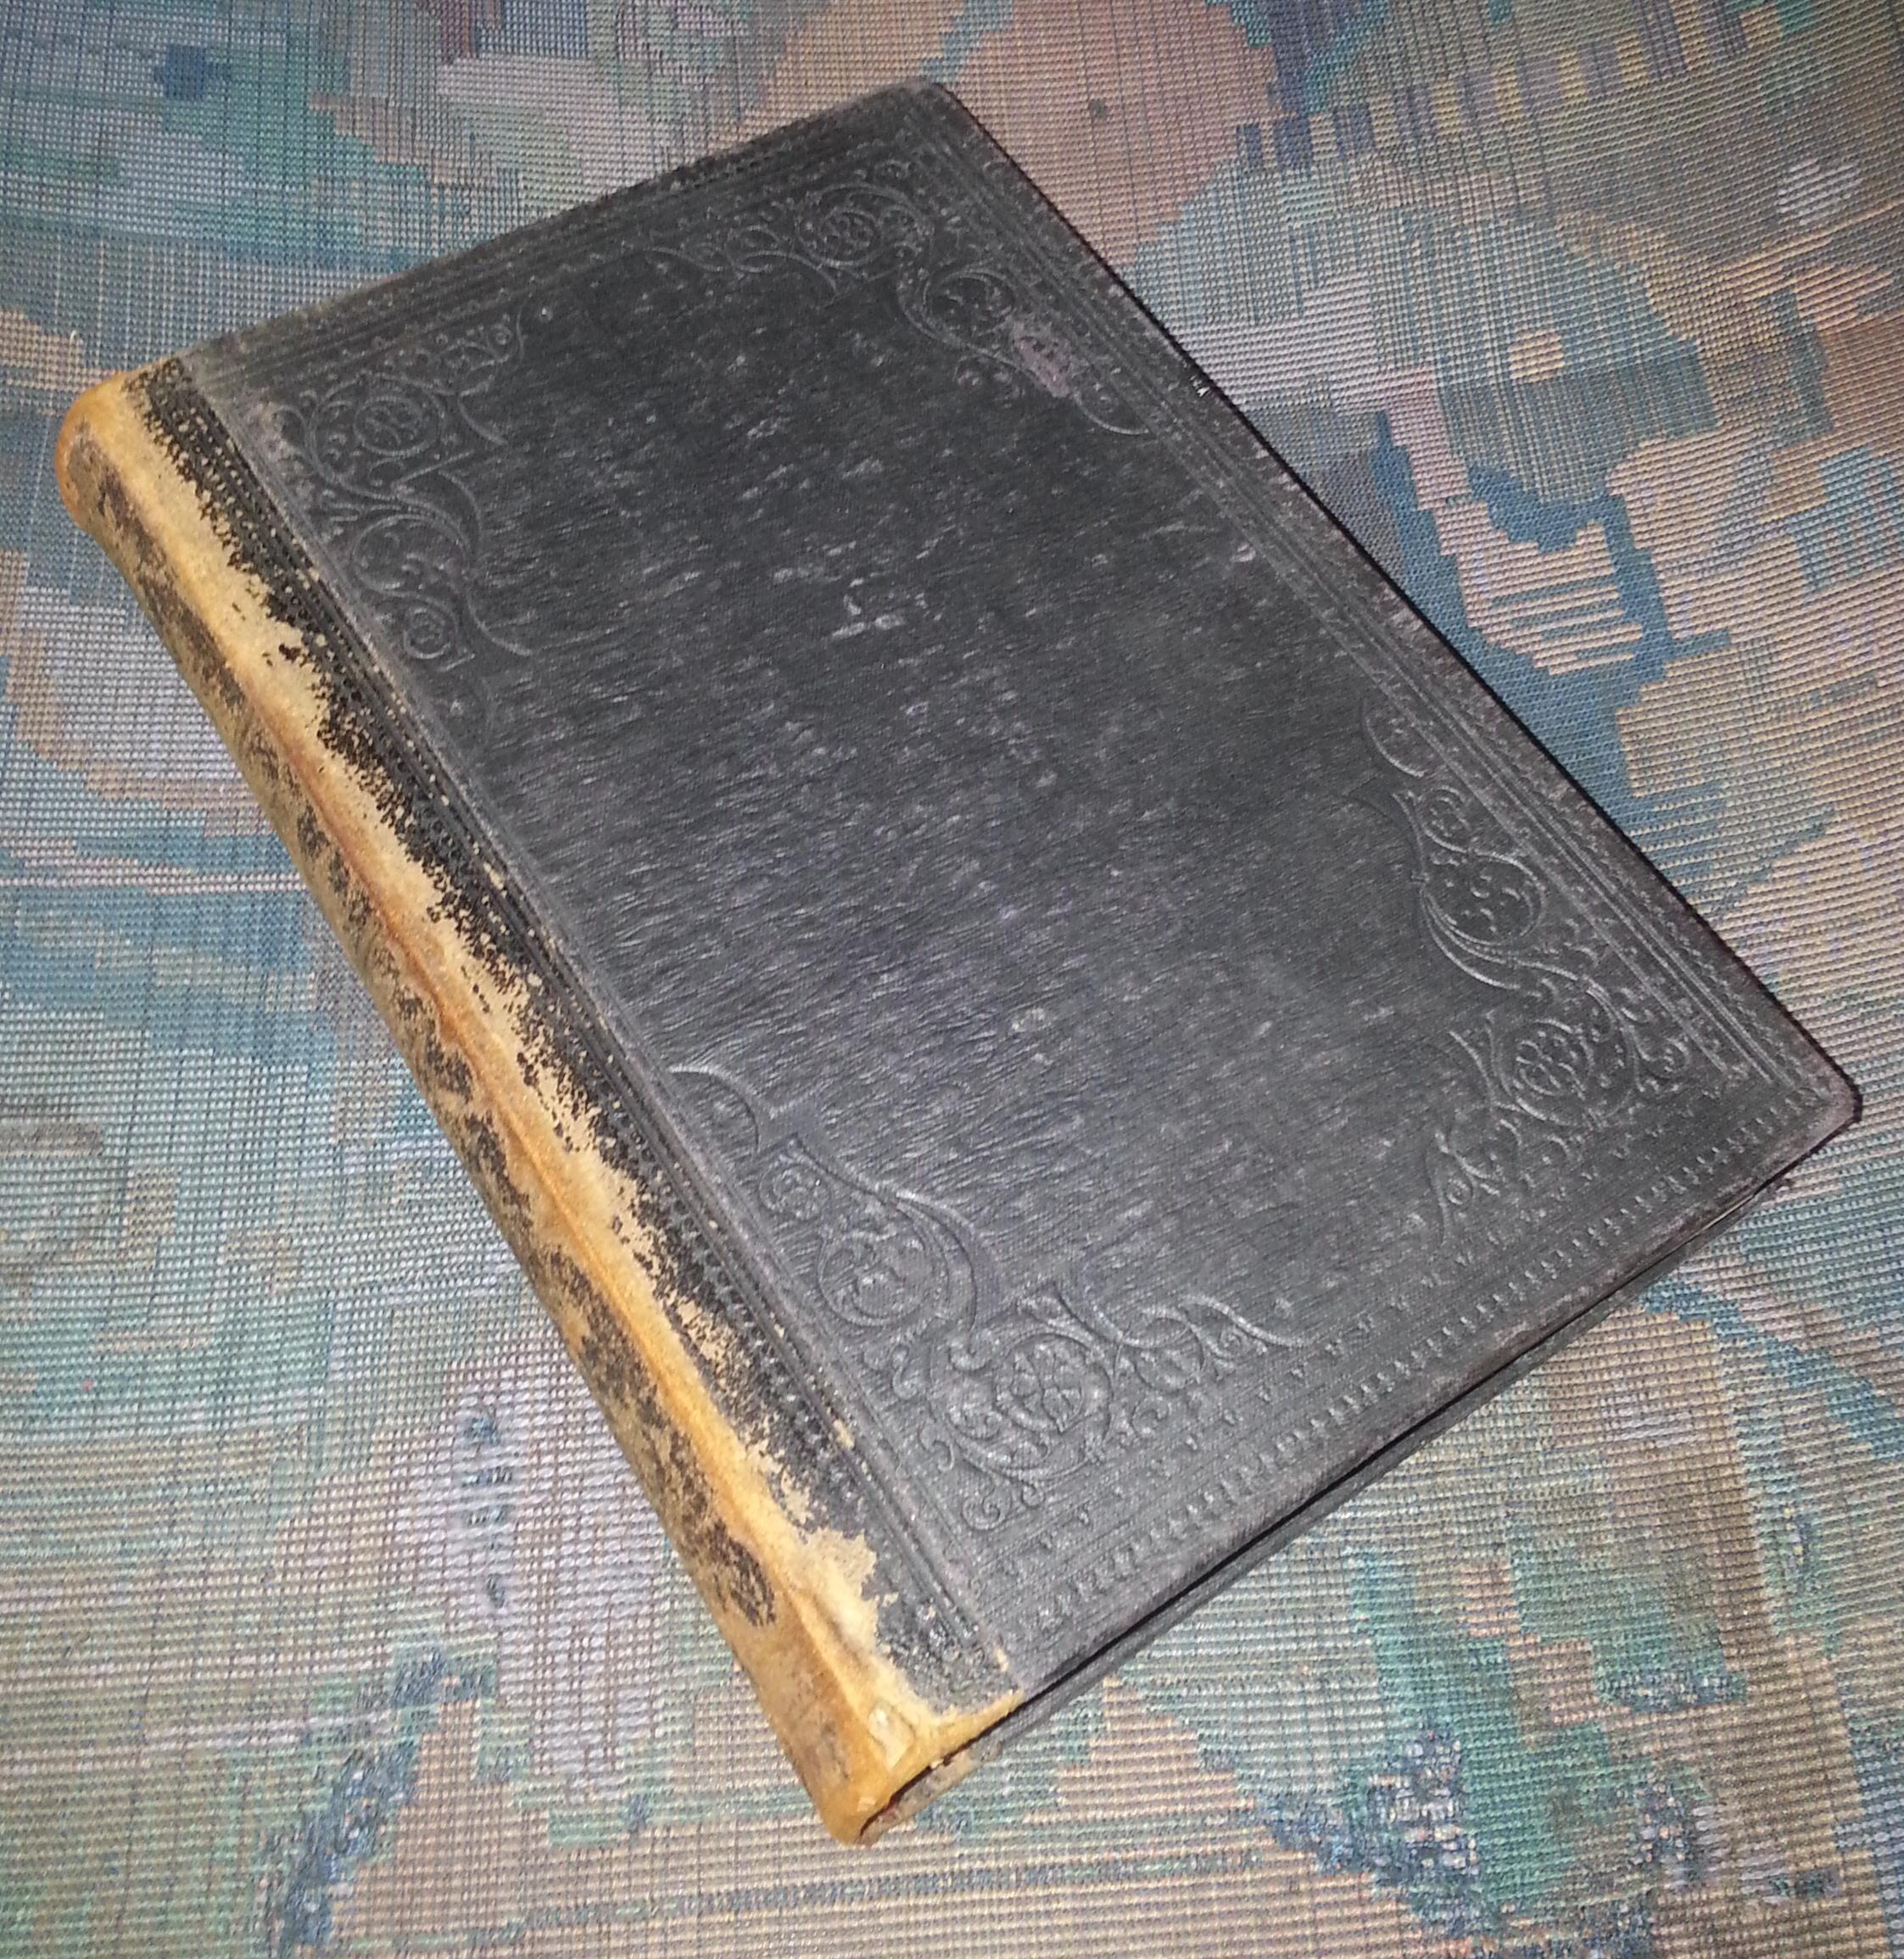 Mormons Bog (Danish Book of Mormon)